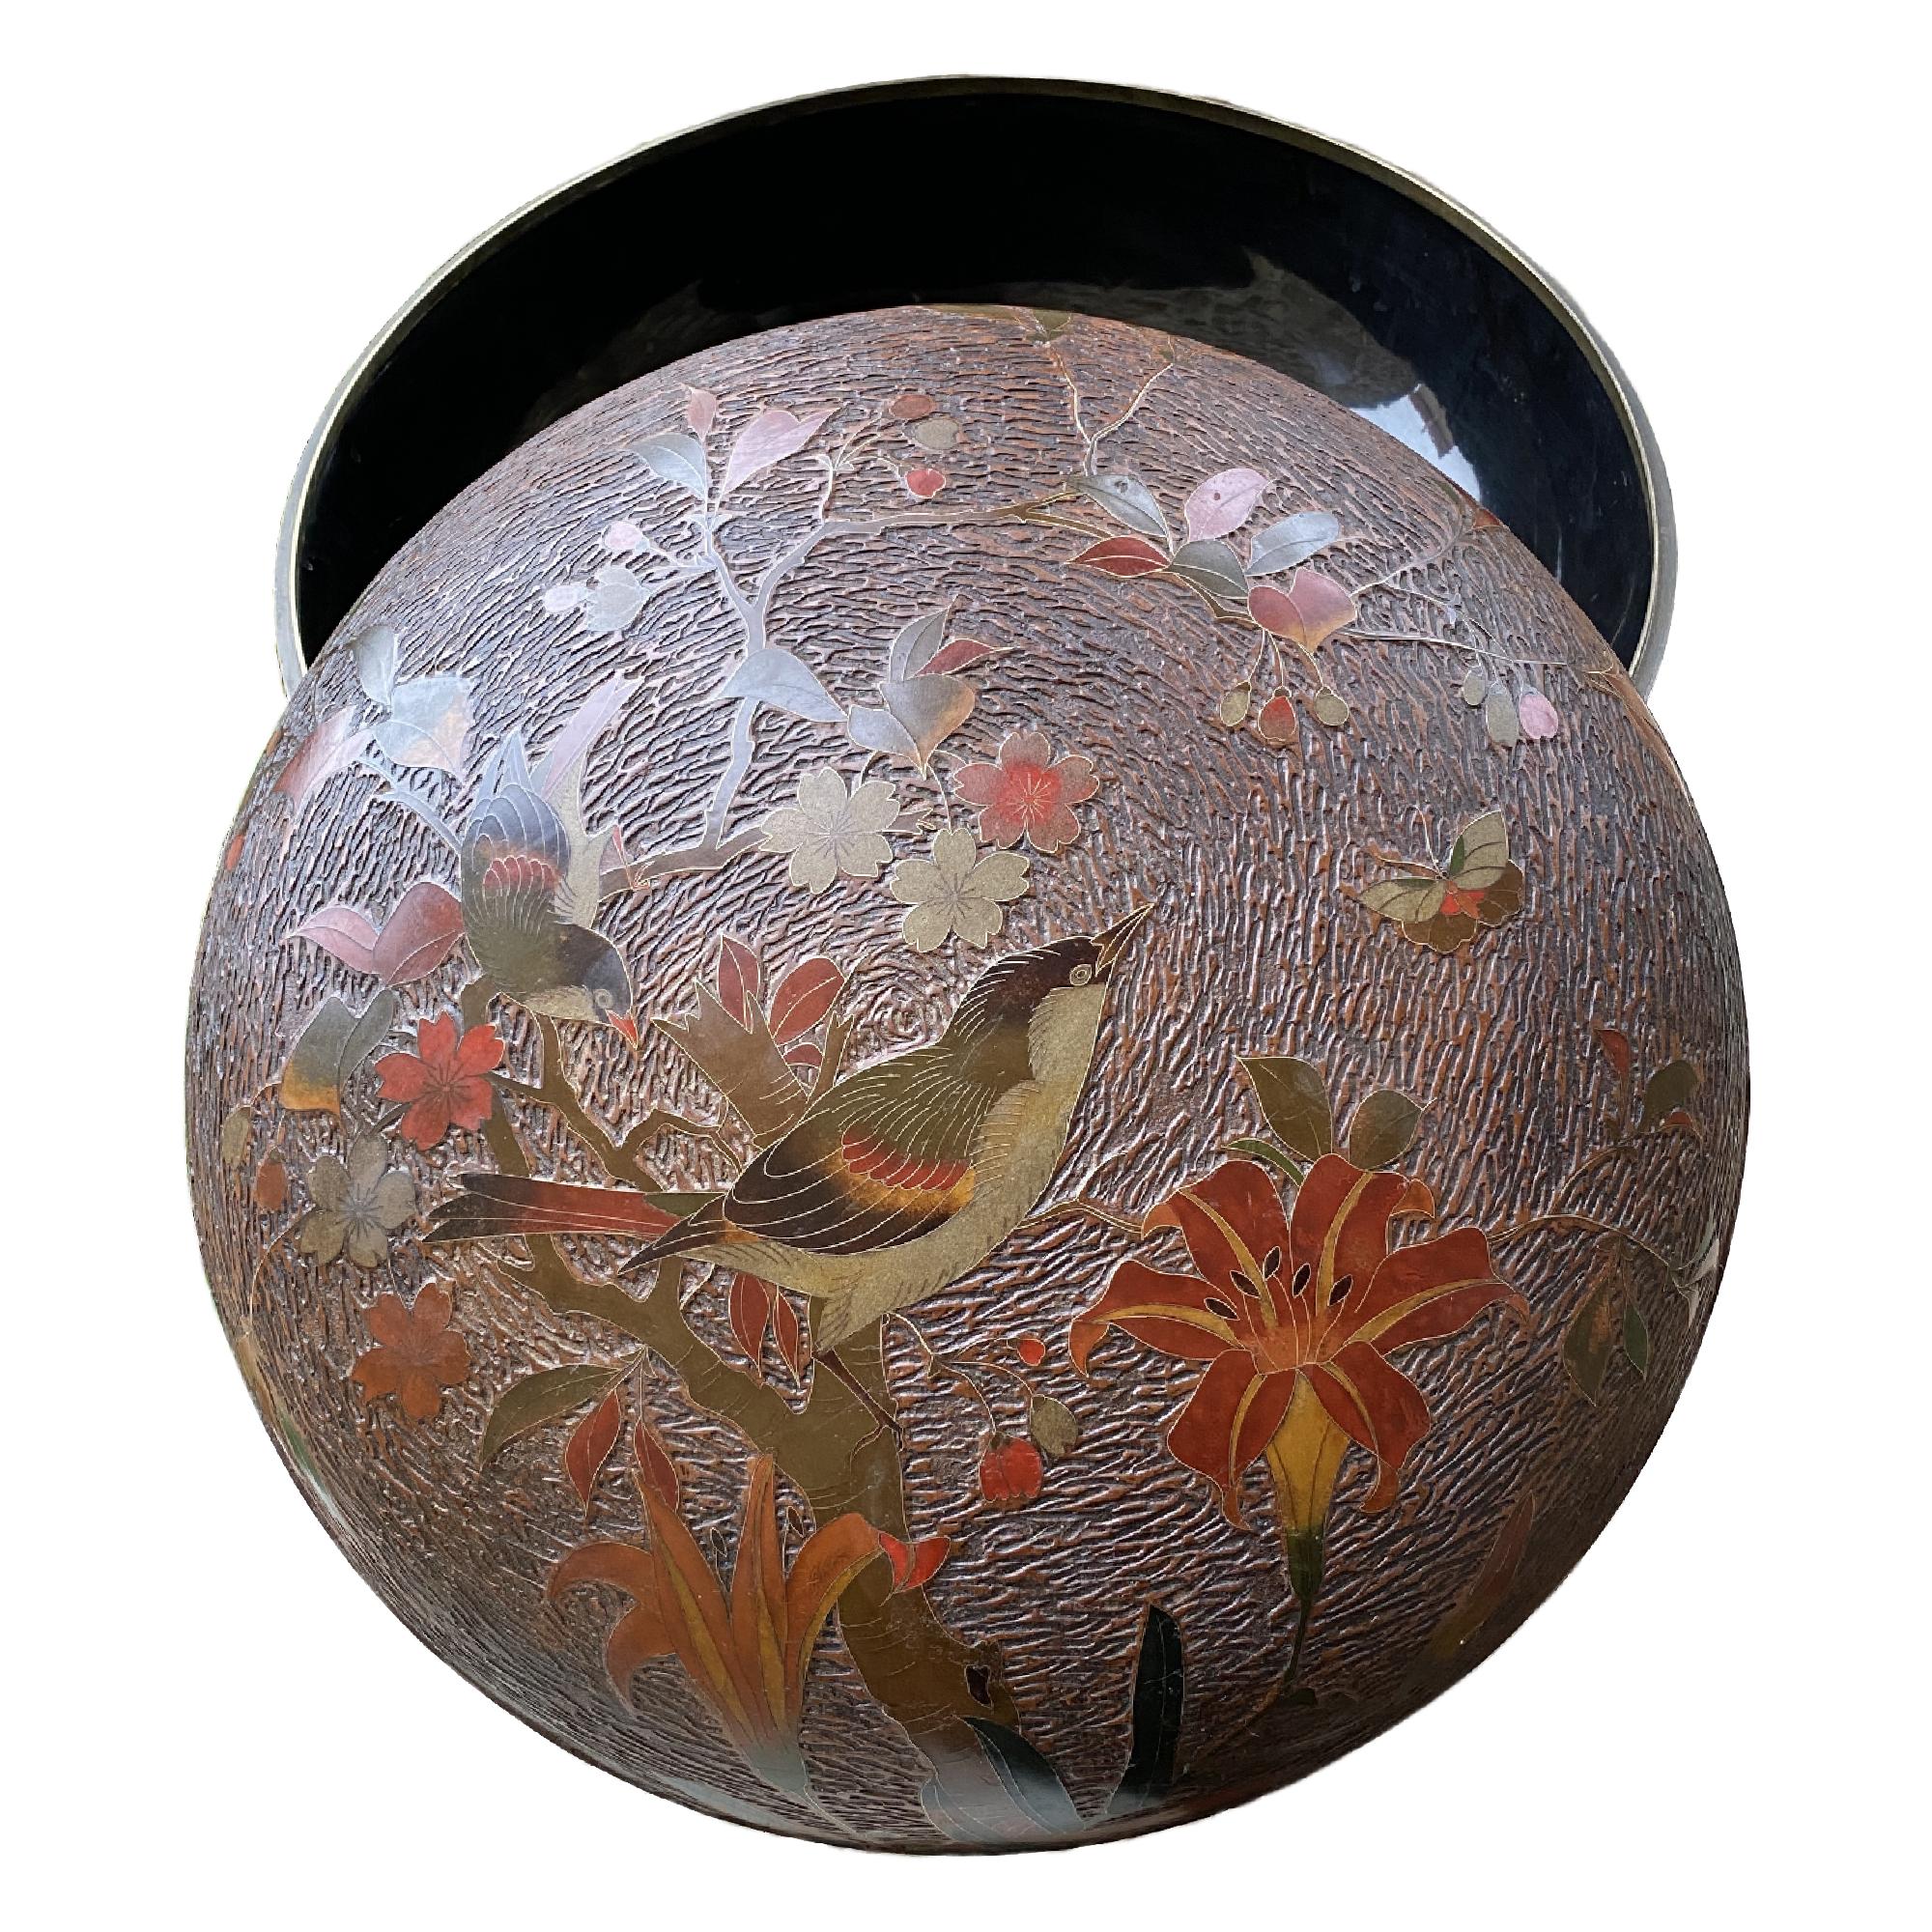 Japon, grande boite en cloisonné de laque, époque Meiji